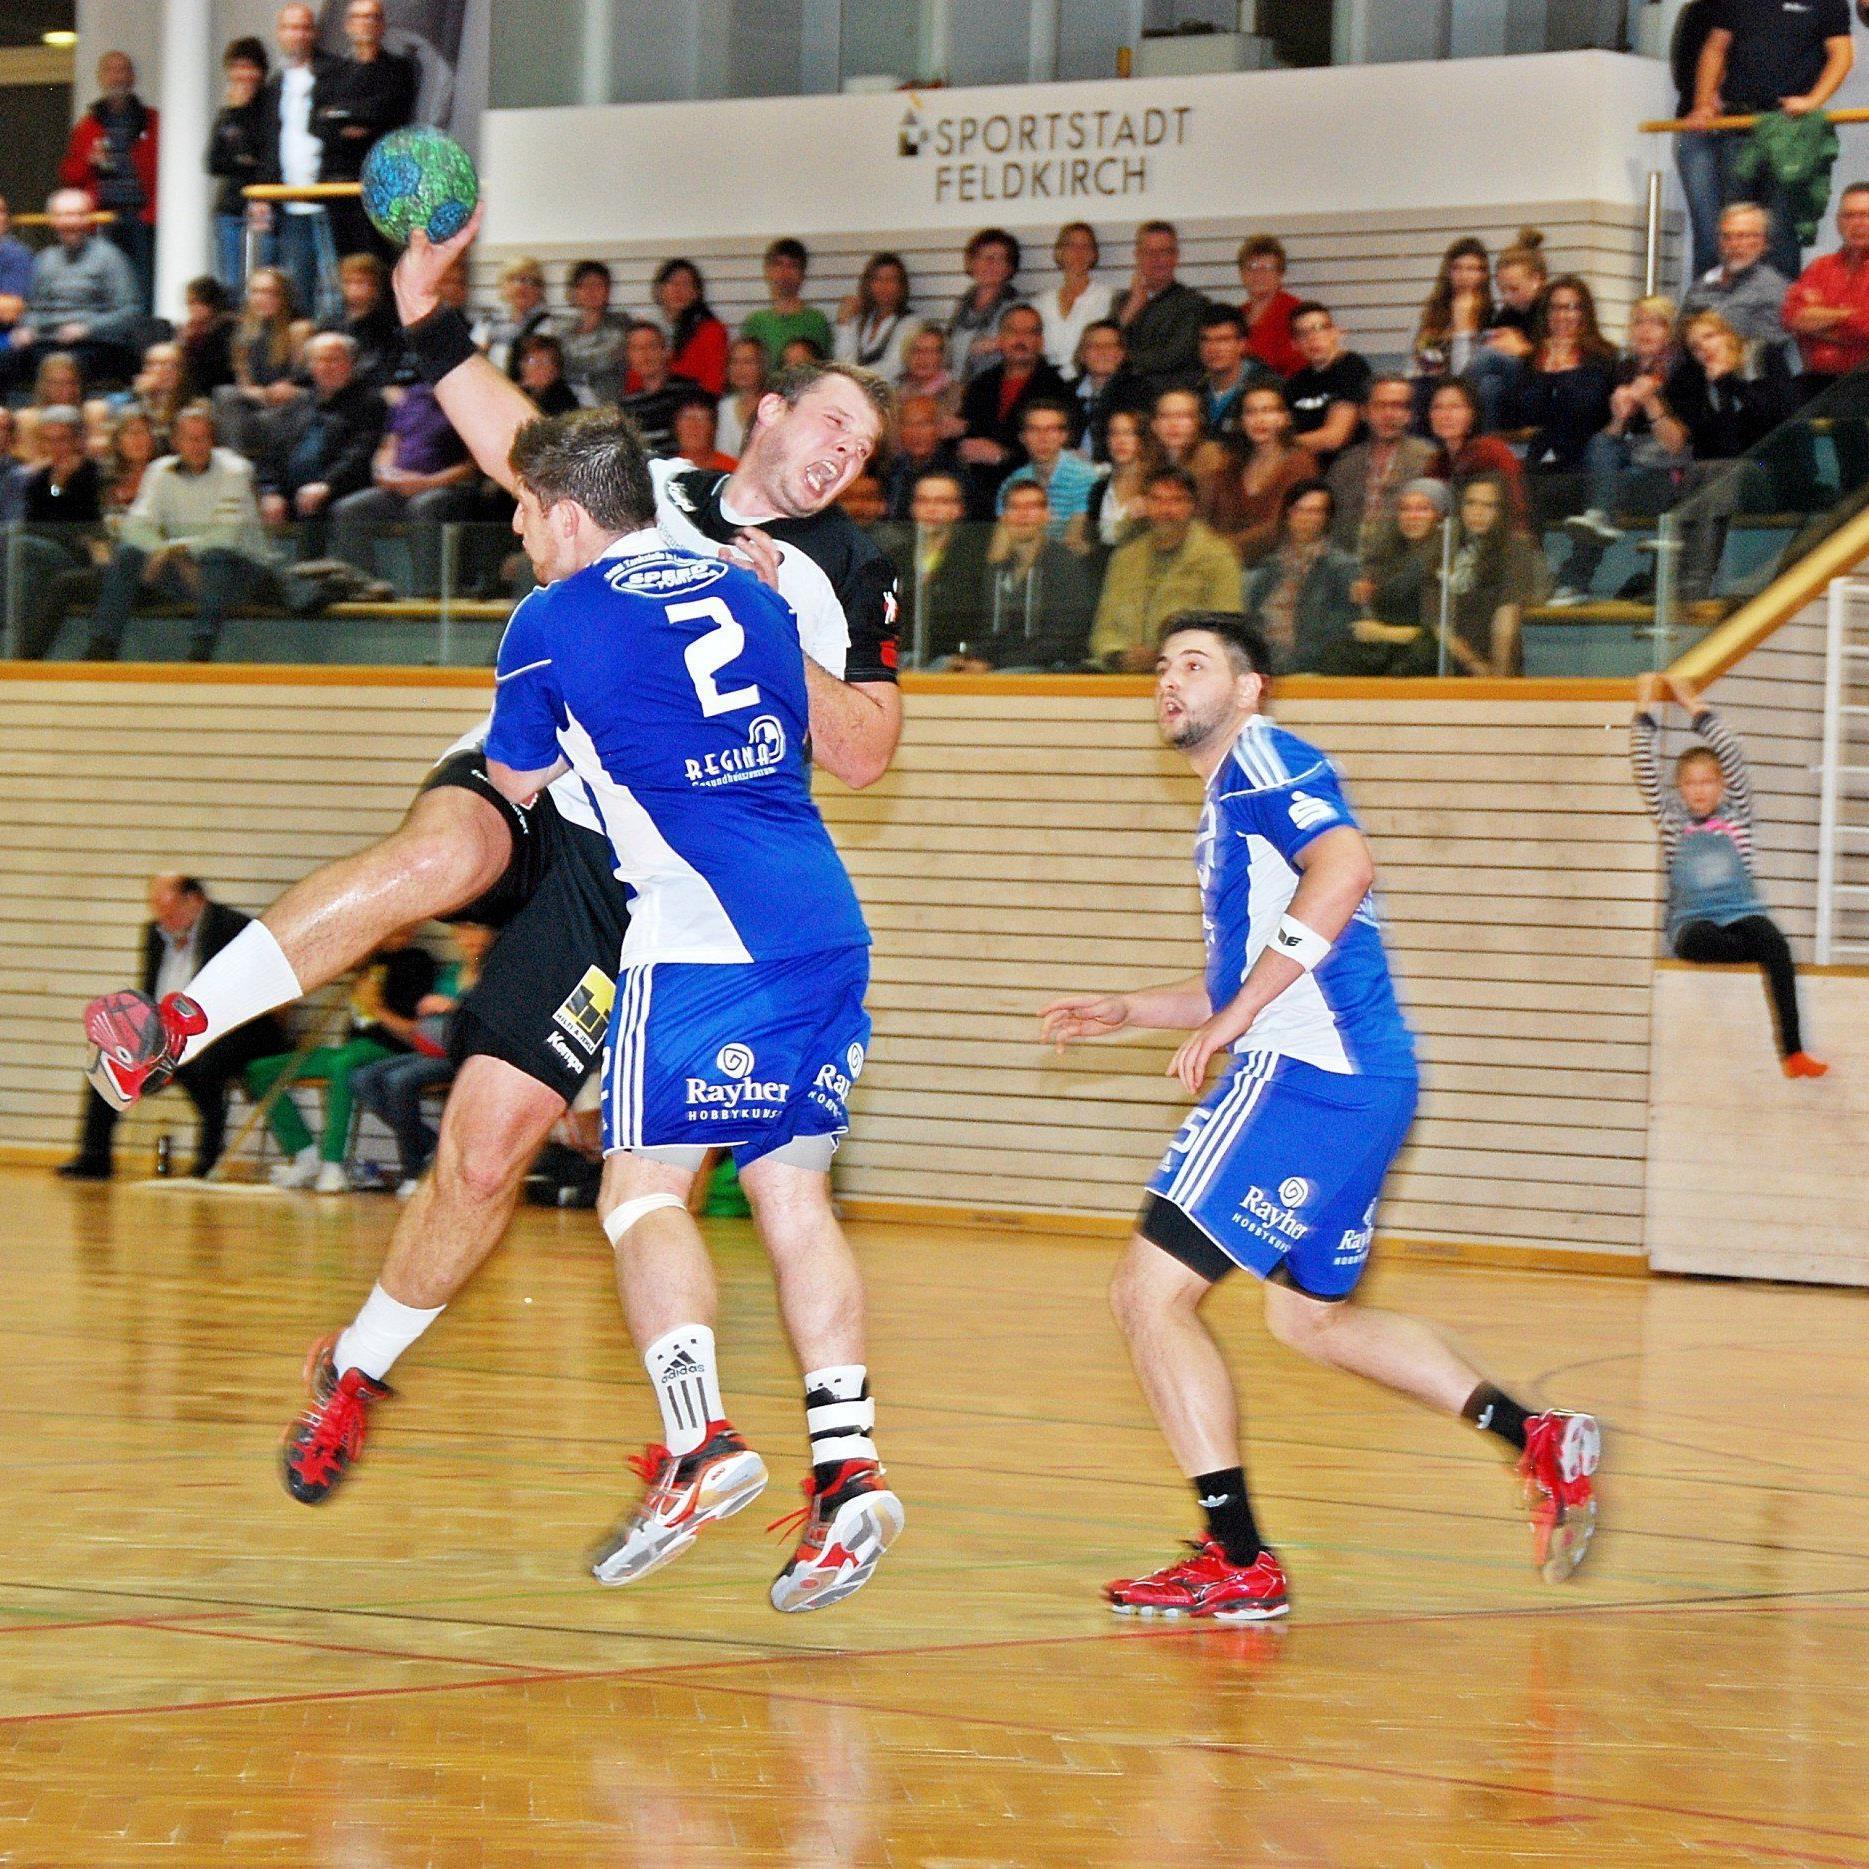 Die Feldkircher Handballer bestreiten beim Heimturnier in der Reichenfeldhalle einige Tests.